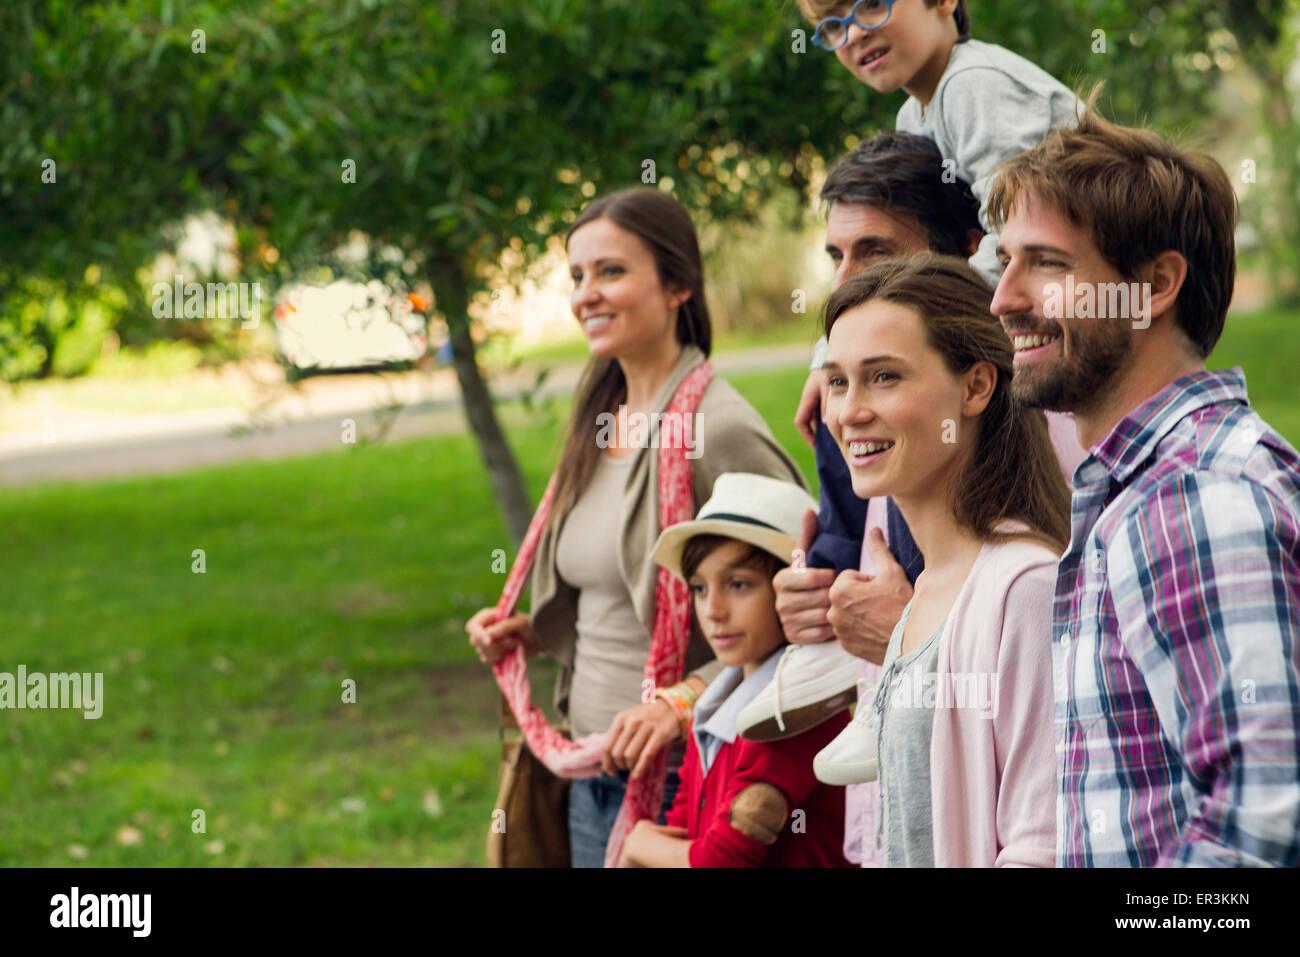 Familia pasar tiempo juntos al aire libre Imagen De Stock